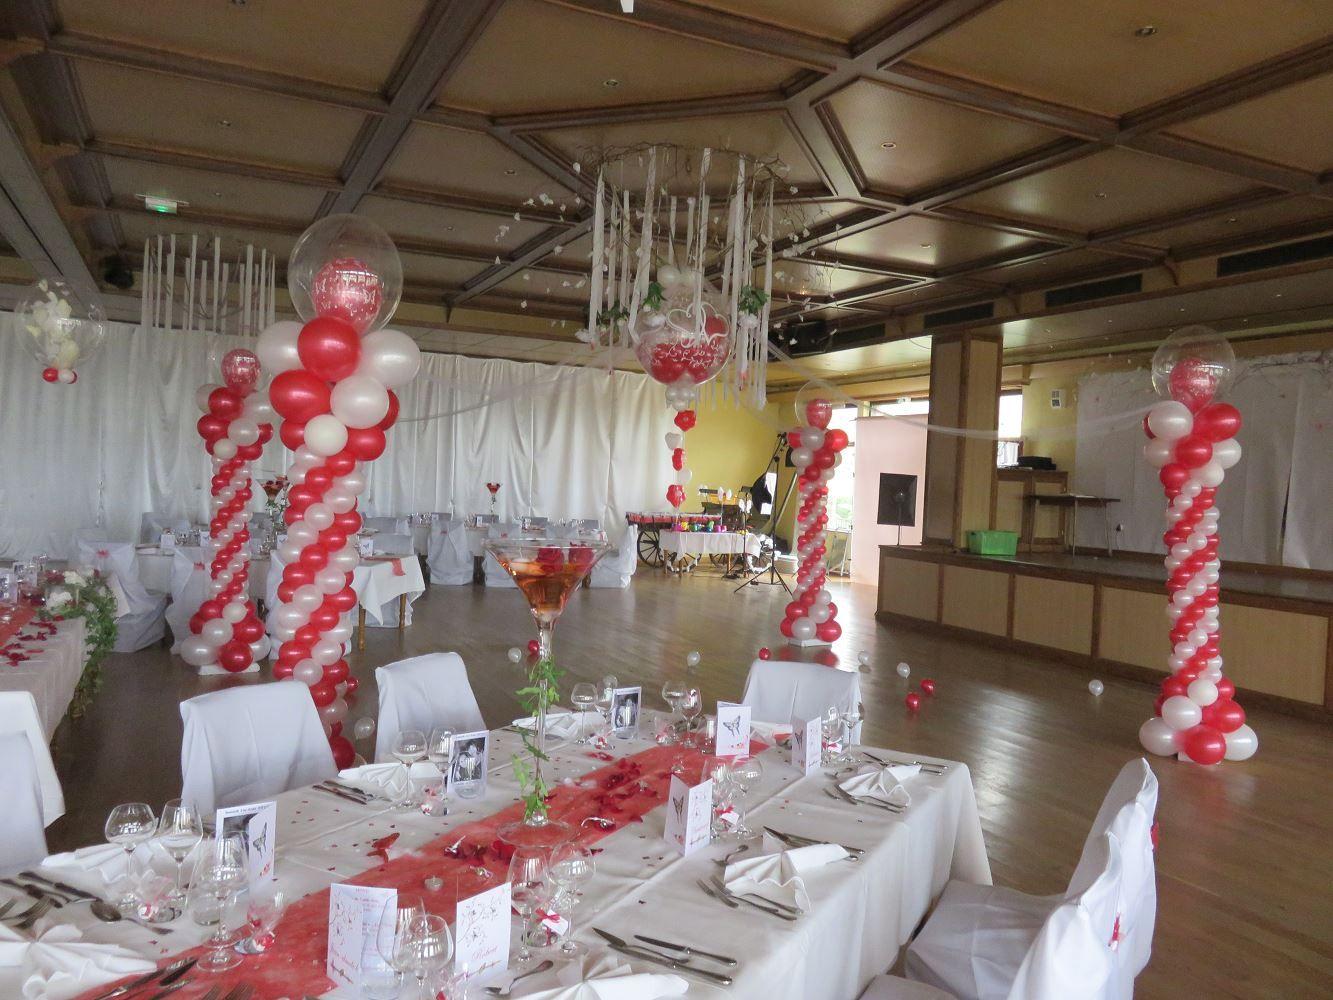 Deco ballon tout sur montage arrangement de ballon pinterest arrangements de ballon - Decoration mariage ballon ...